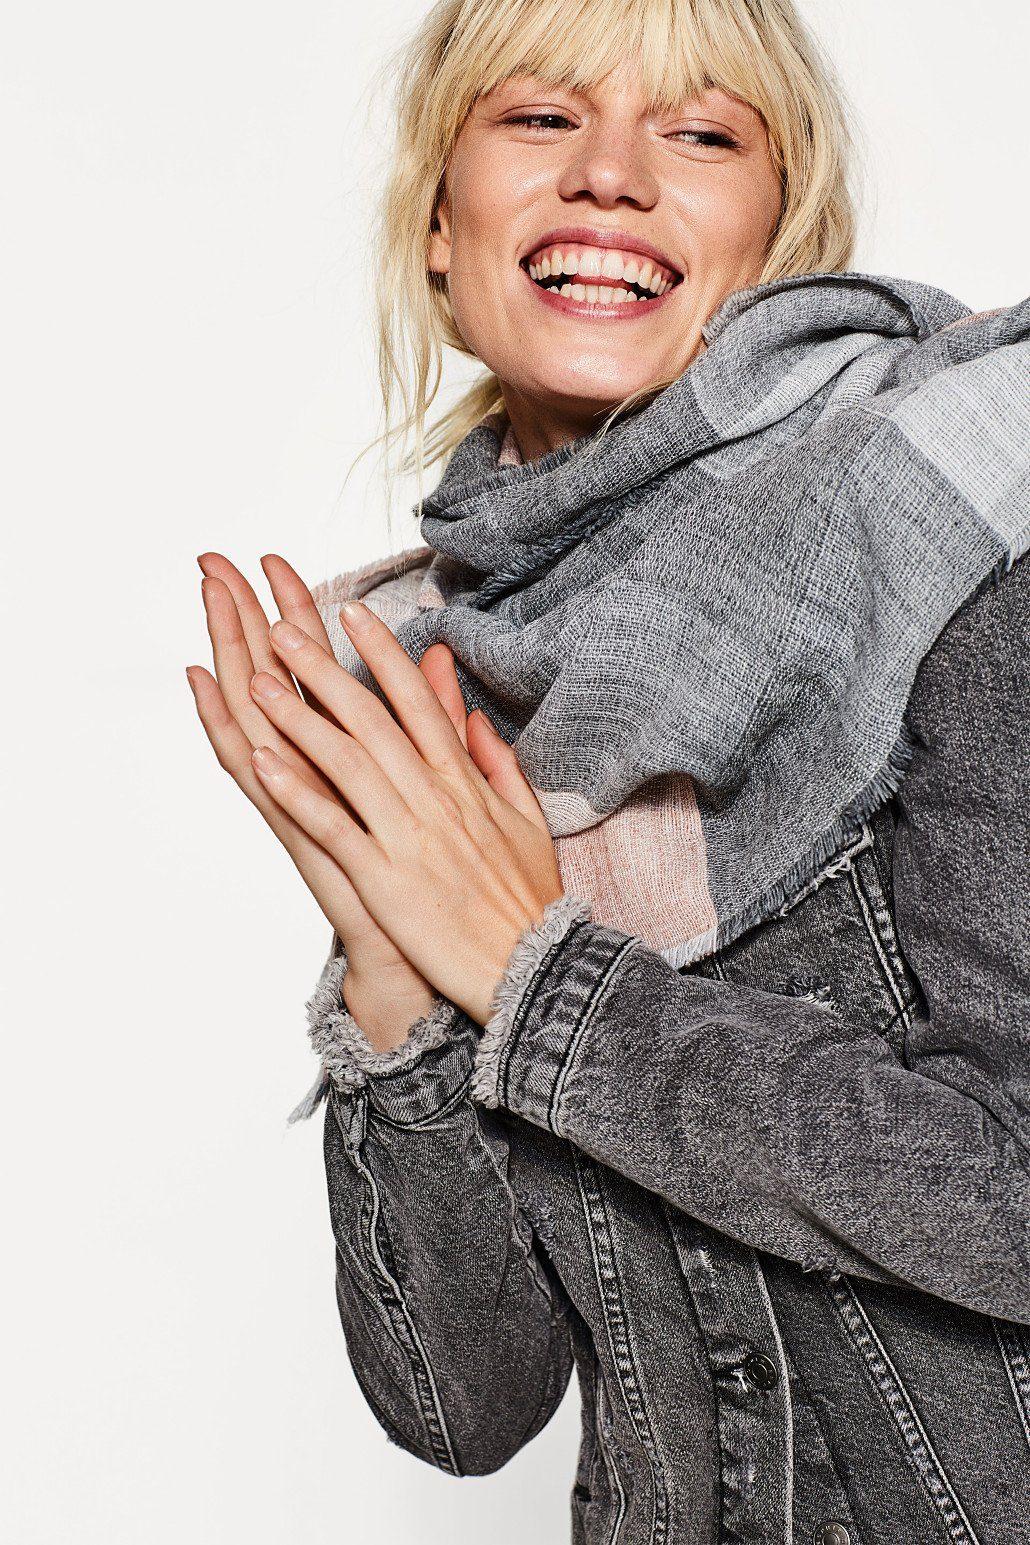 ESPRIT CASUAL Jacquard-Schal aus italienischem Garn